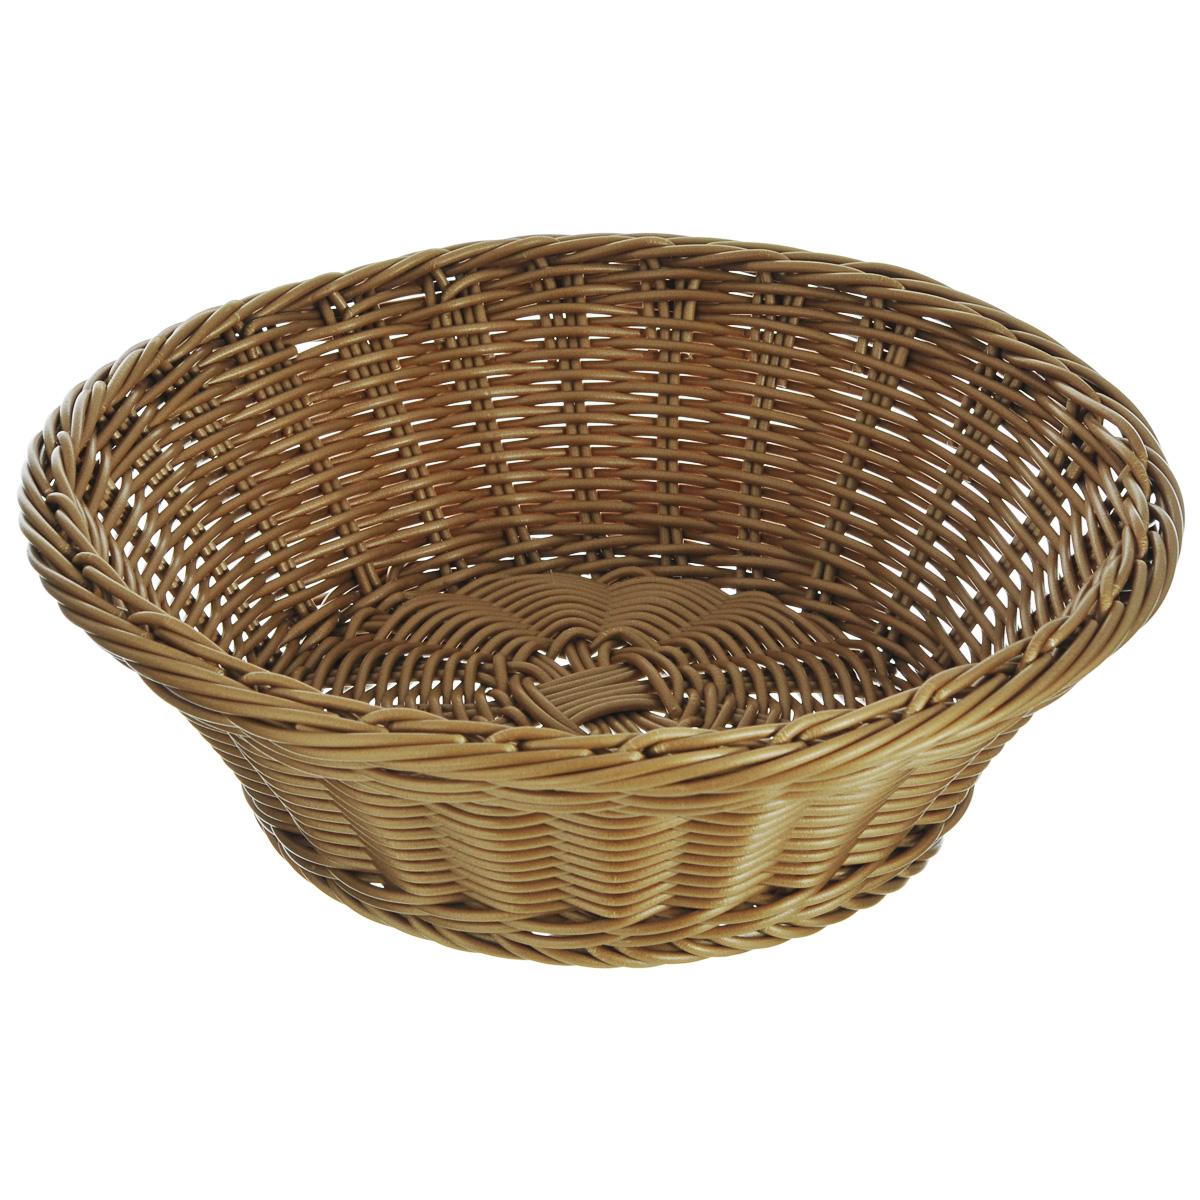 Корзинка для хлеба Kesper, диаметр 28,5 см. 1982-01982-0Оригинальная плетеная корзинка Kesper круглой формы, выполнена из пластика, напоминающего фактуру дерева. Корзинка прекрасно подойдет для вашей кухни. Она предназначена для красивой сервировки хлебобулочной продукции. Изящный дизайн придется по вкусу и ценителям классики, и тем, кто предпочитает утонченность и изысканность. Можно мыть в посудомоечной машине. Диаметр корзинки: 28,5 см. Высота корзинки: 9 см.